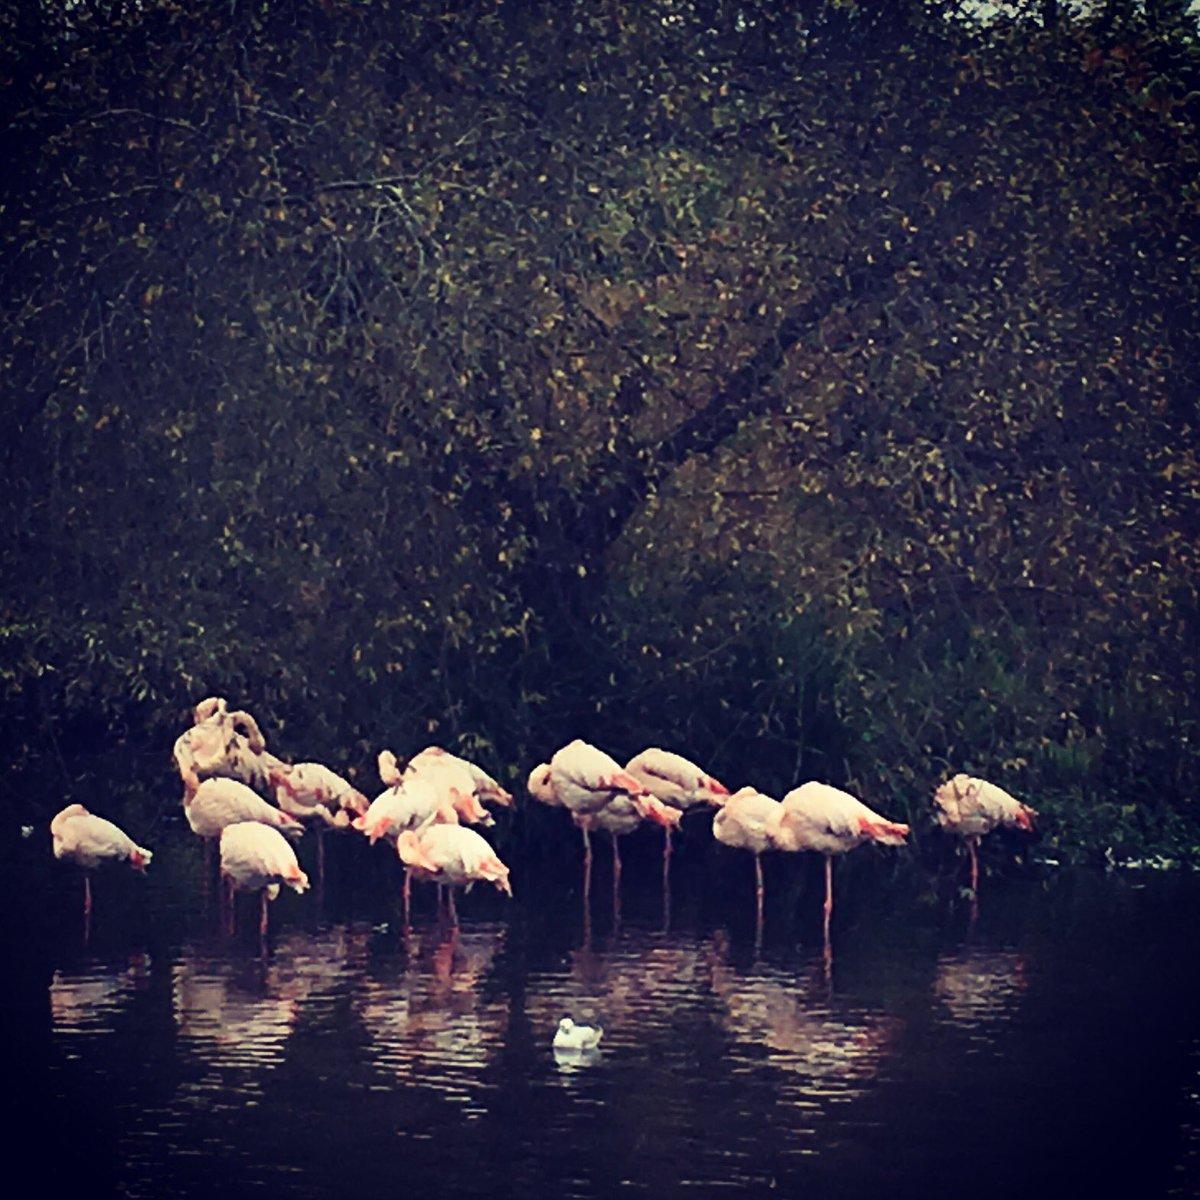 Flamingomkt photo